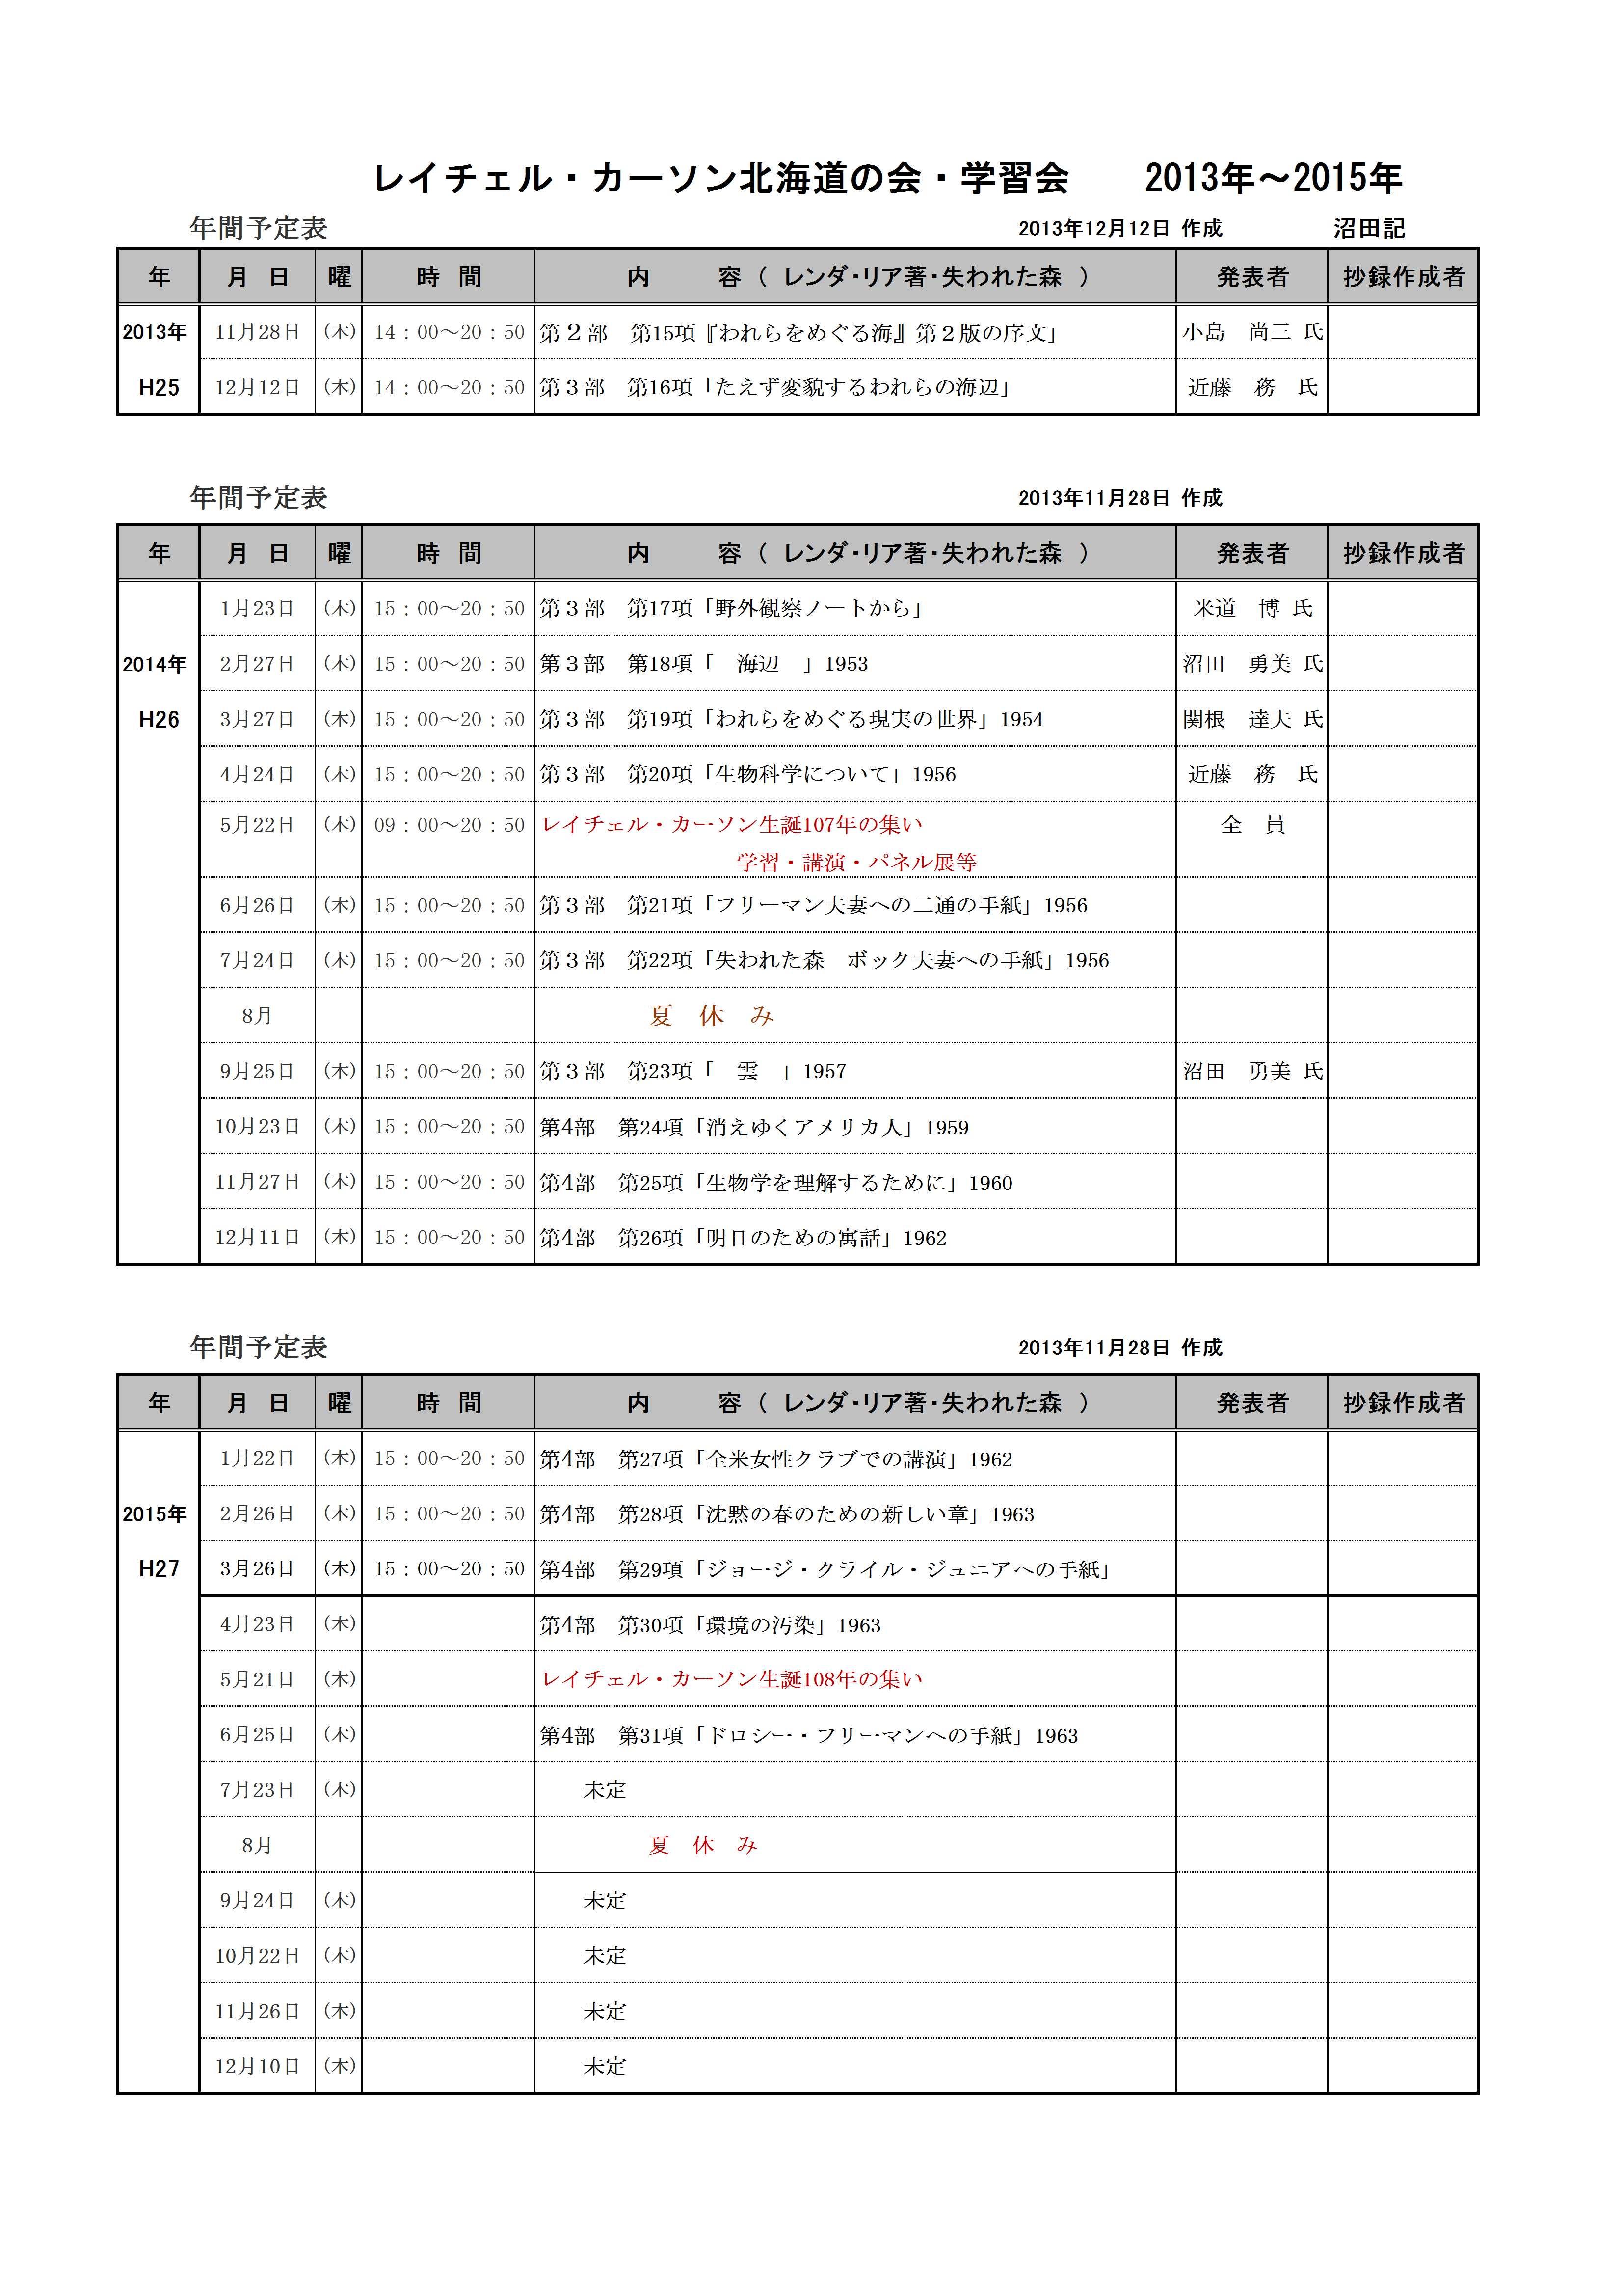 年間予定表(2014年~2015年)---2013/12/12作成